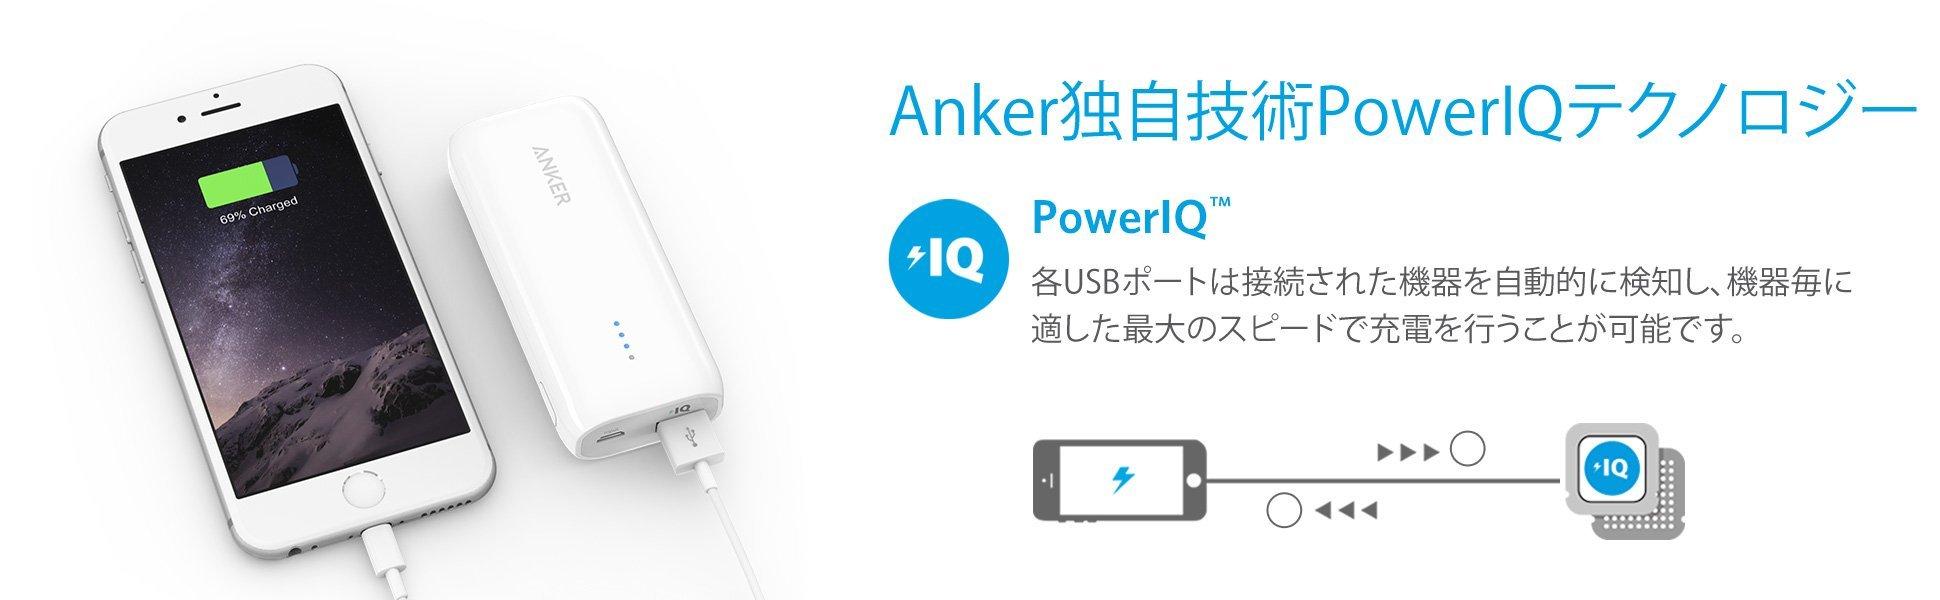 アマゾンでAnker充電祭りで日替わりタイムセール。PowerCoreモバイルバッテリー、多数ポートUSB-ACアダプタ、MFi取得ライトニングUSBケーブルなどがセール中。